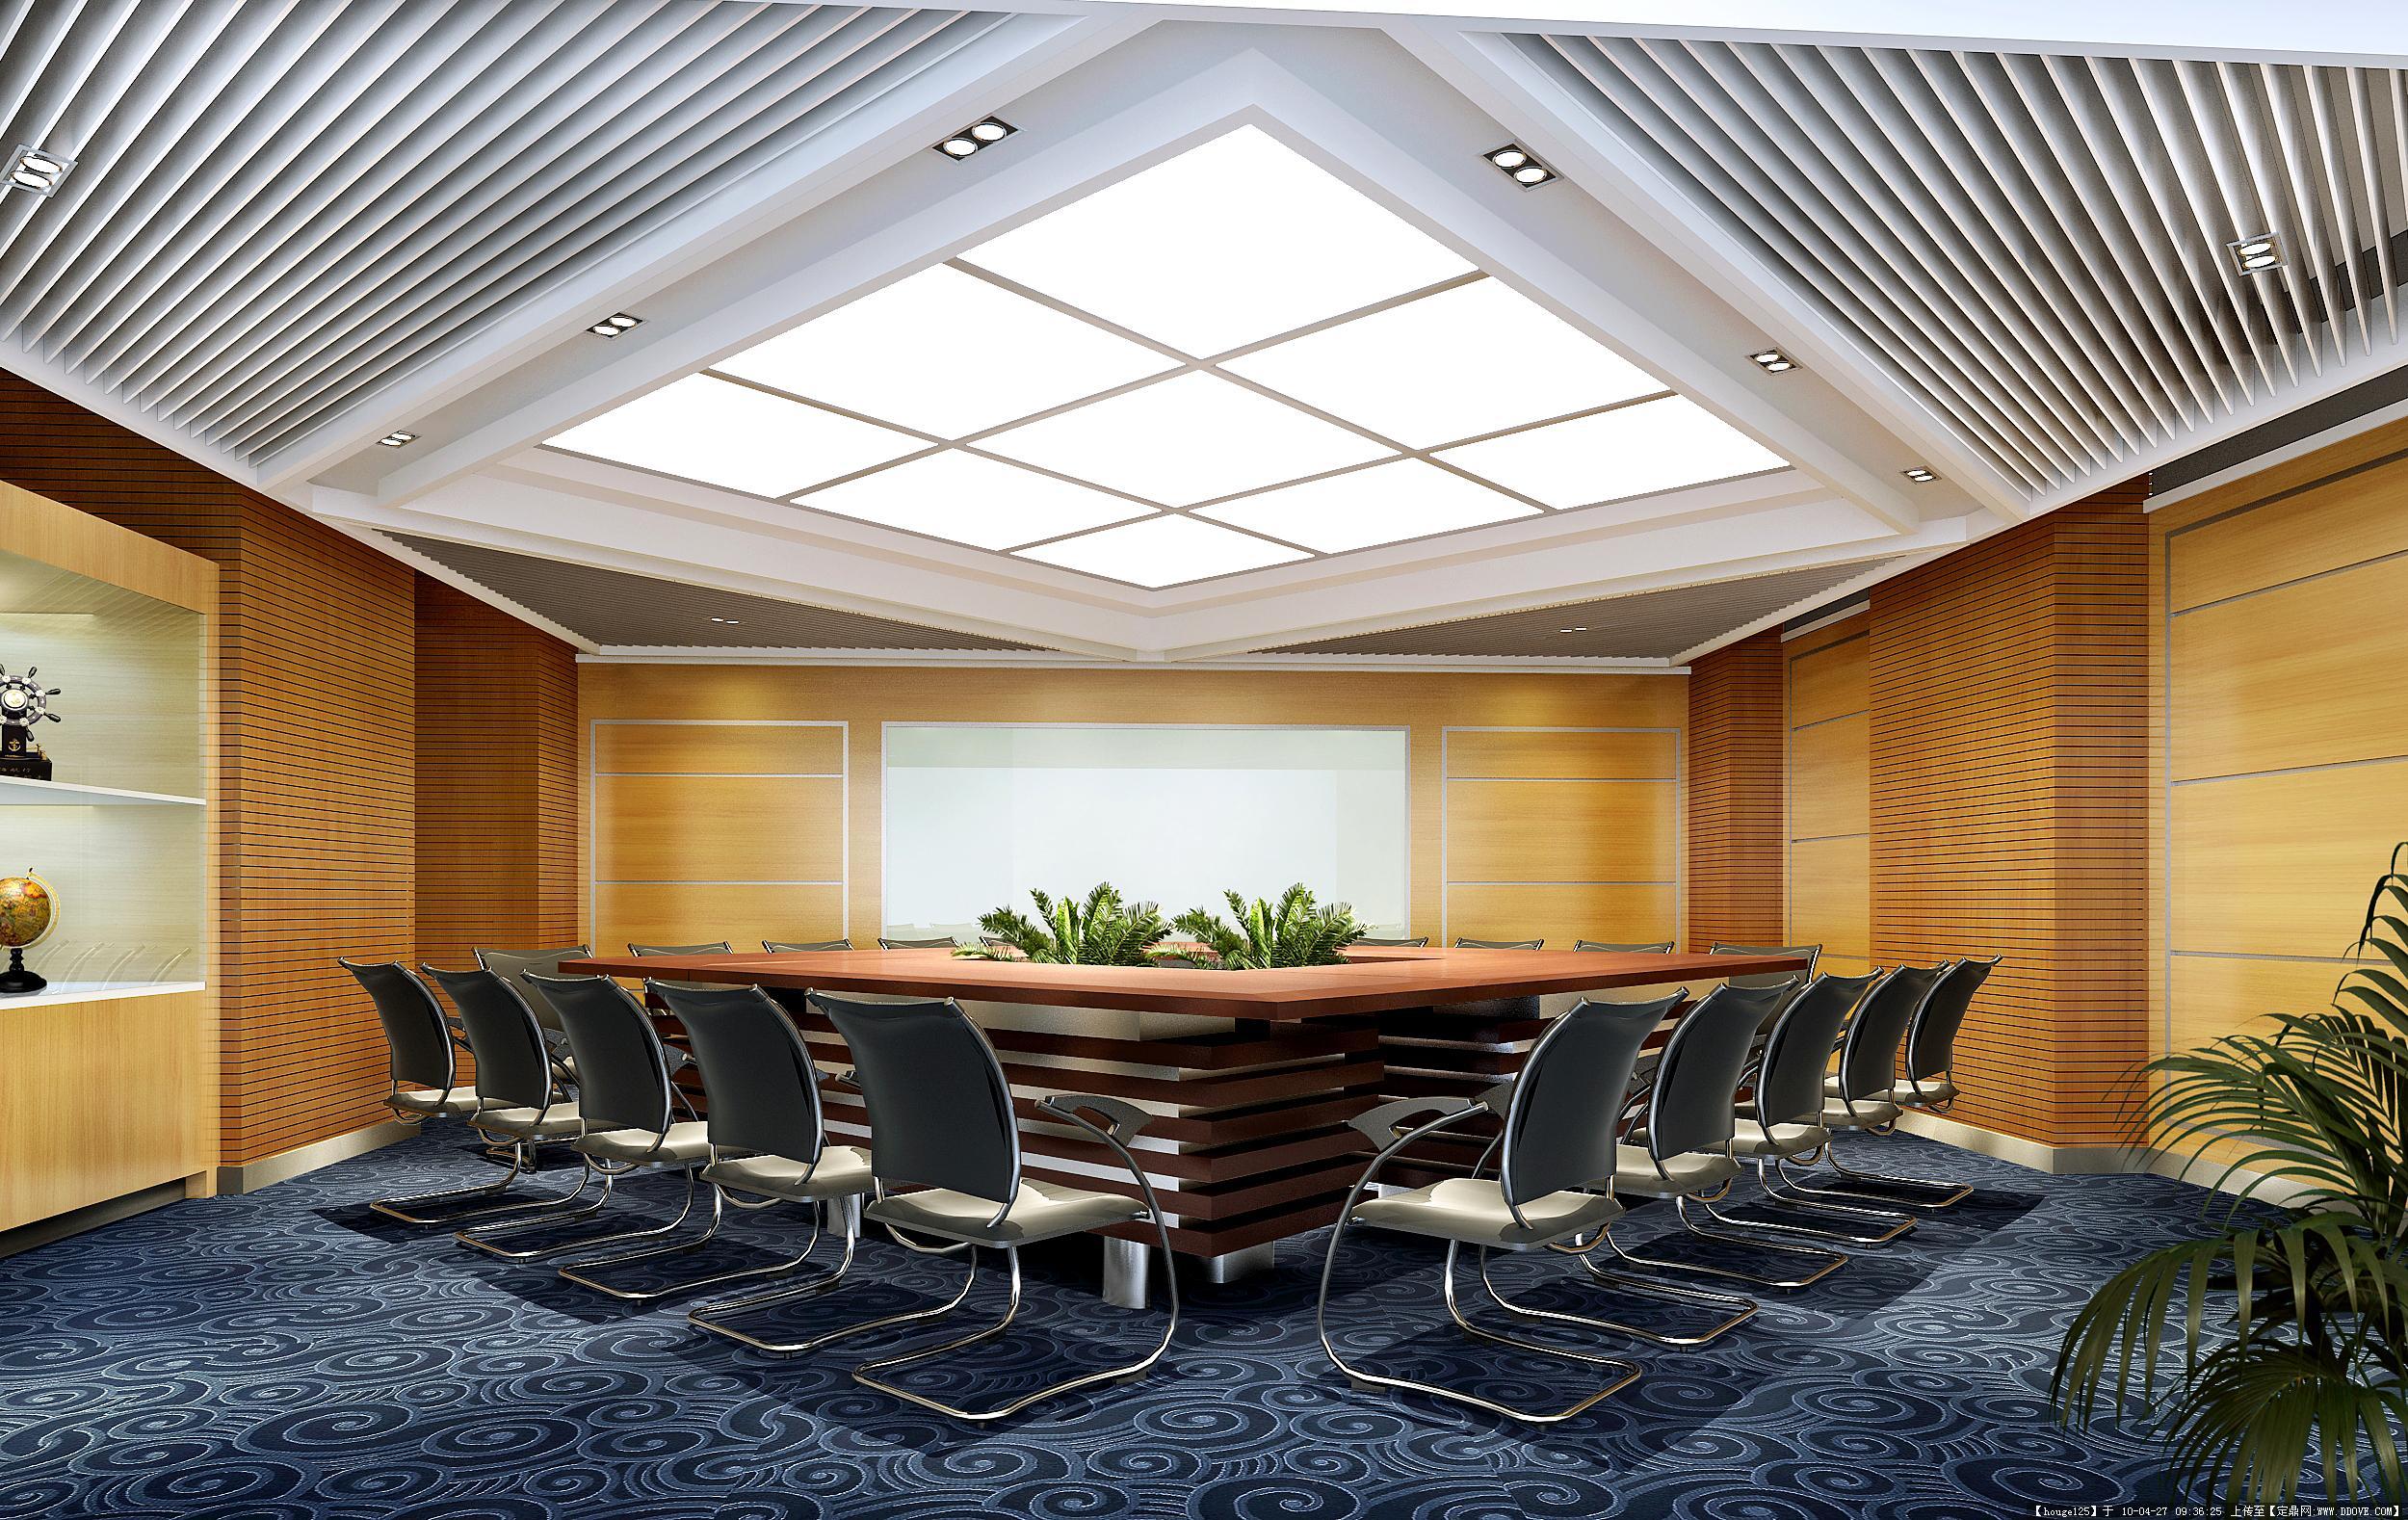 一个办公室的装修图片-会议室效果图.jpg